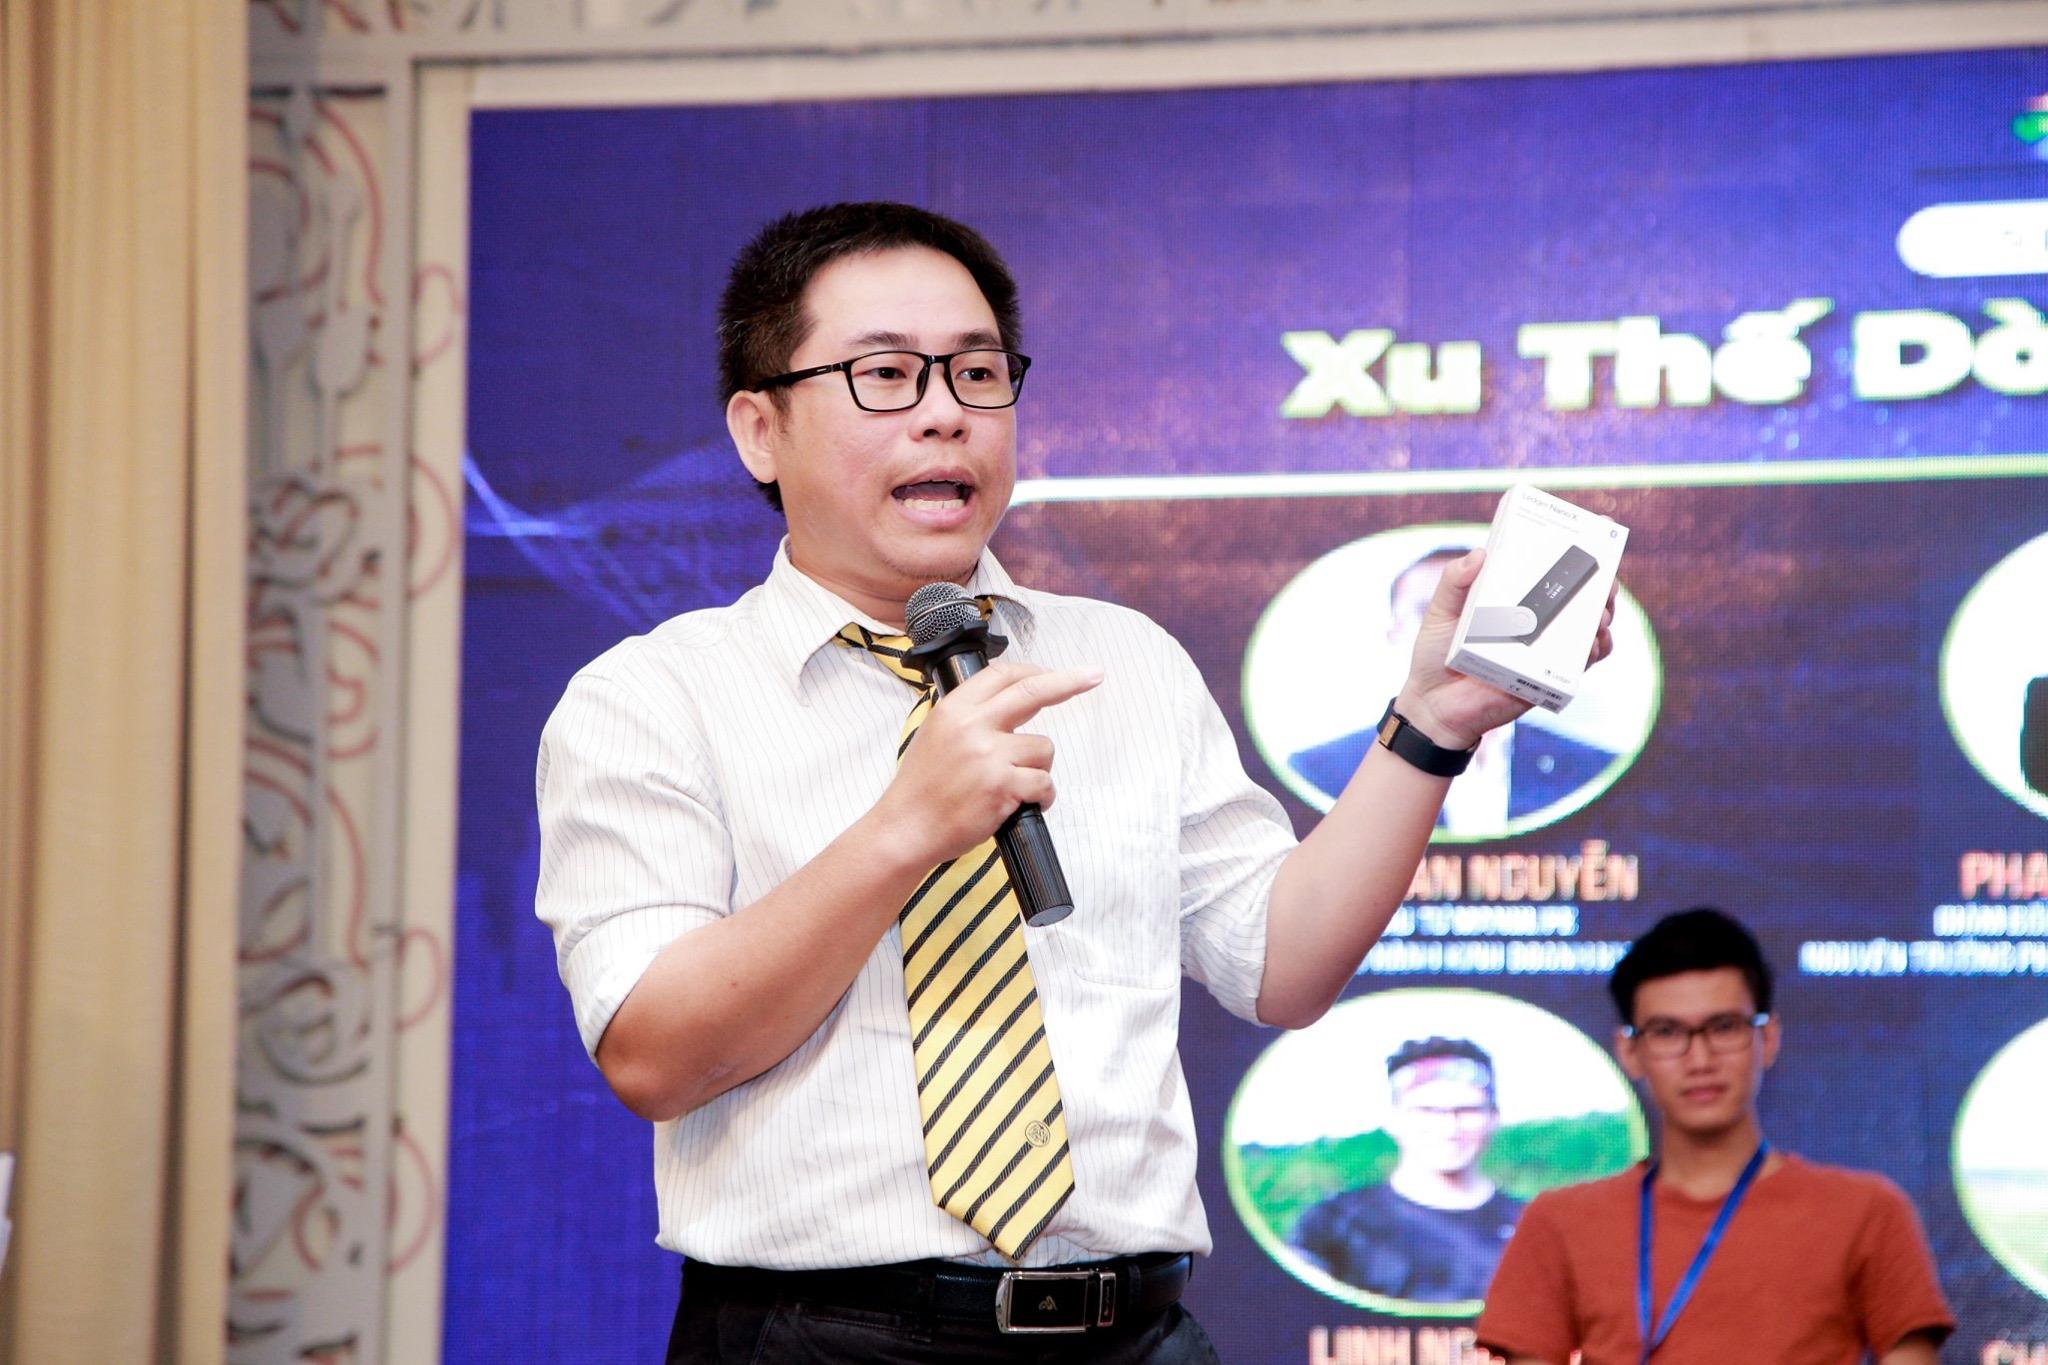 Chuyên gia Phan Dũng Khánh: Đừng coi chứng khoán là trò đỏ - đen 10